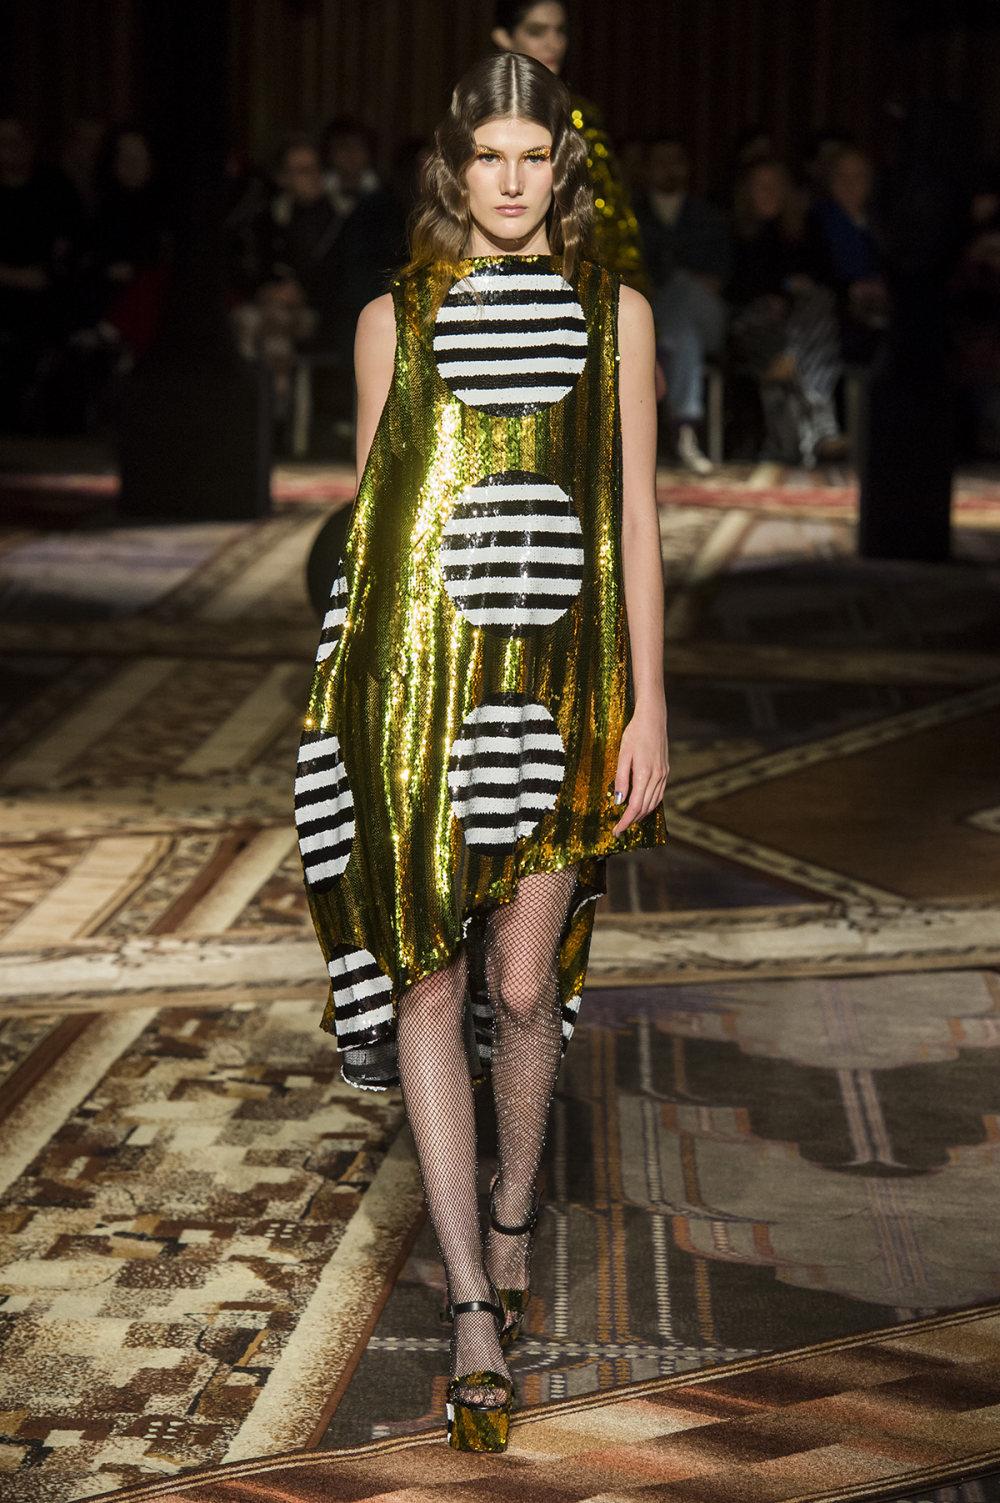 Halpern时装系列将幻想印花应用于宽大的缎面外套展示垂褶技巧-7.jpg